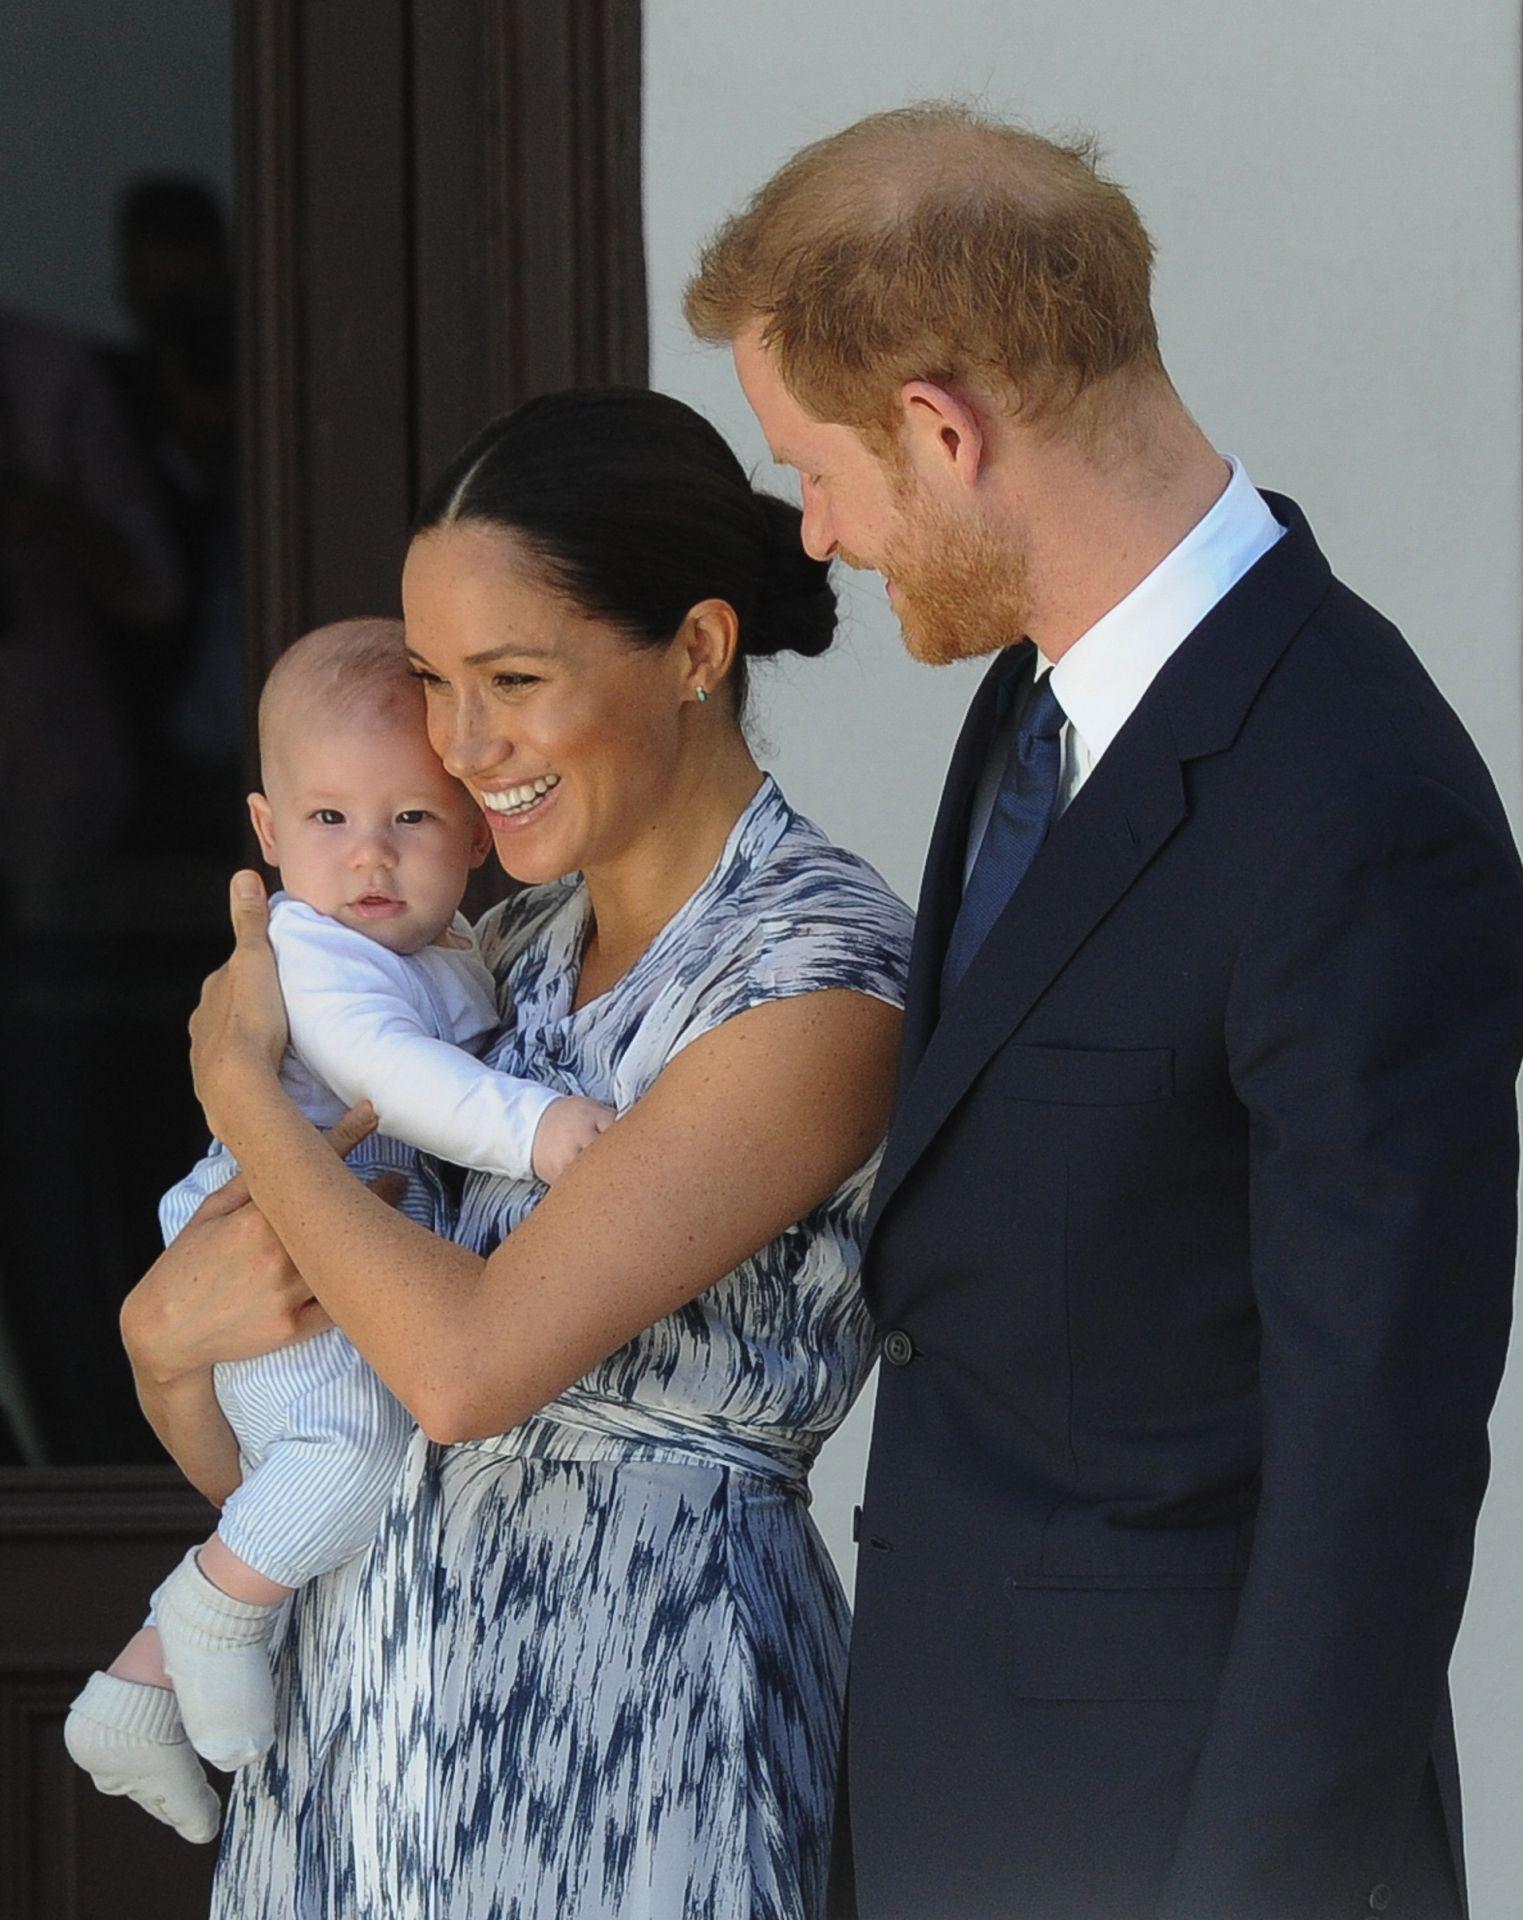 哈利王子、梅根確定喪失皇室頭銜!白金漢宮最新聲明:「正式退出皇家職務。」